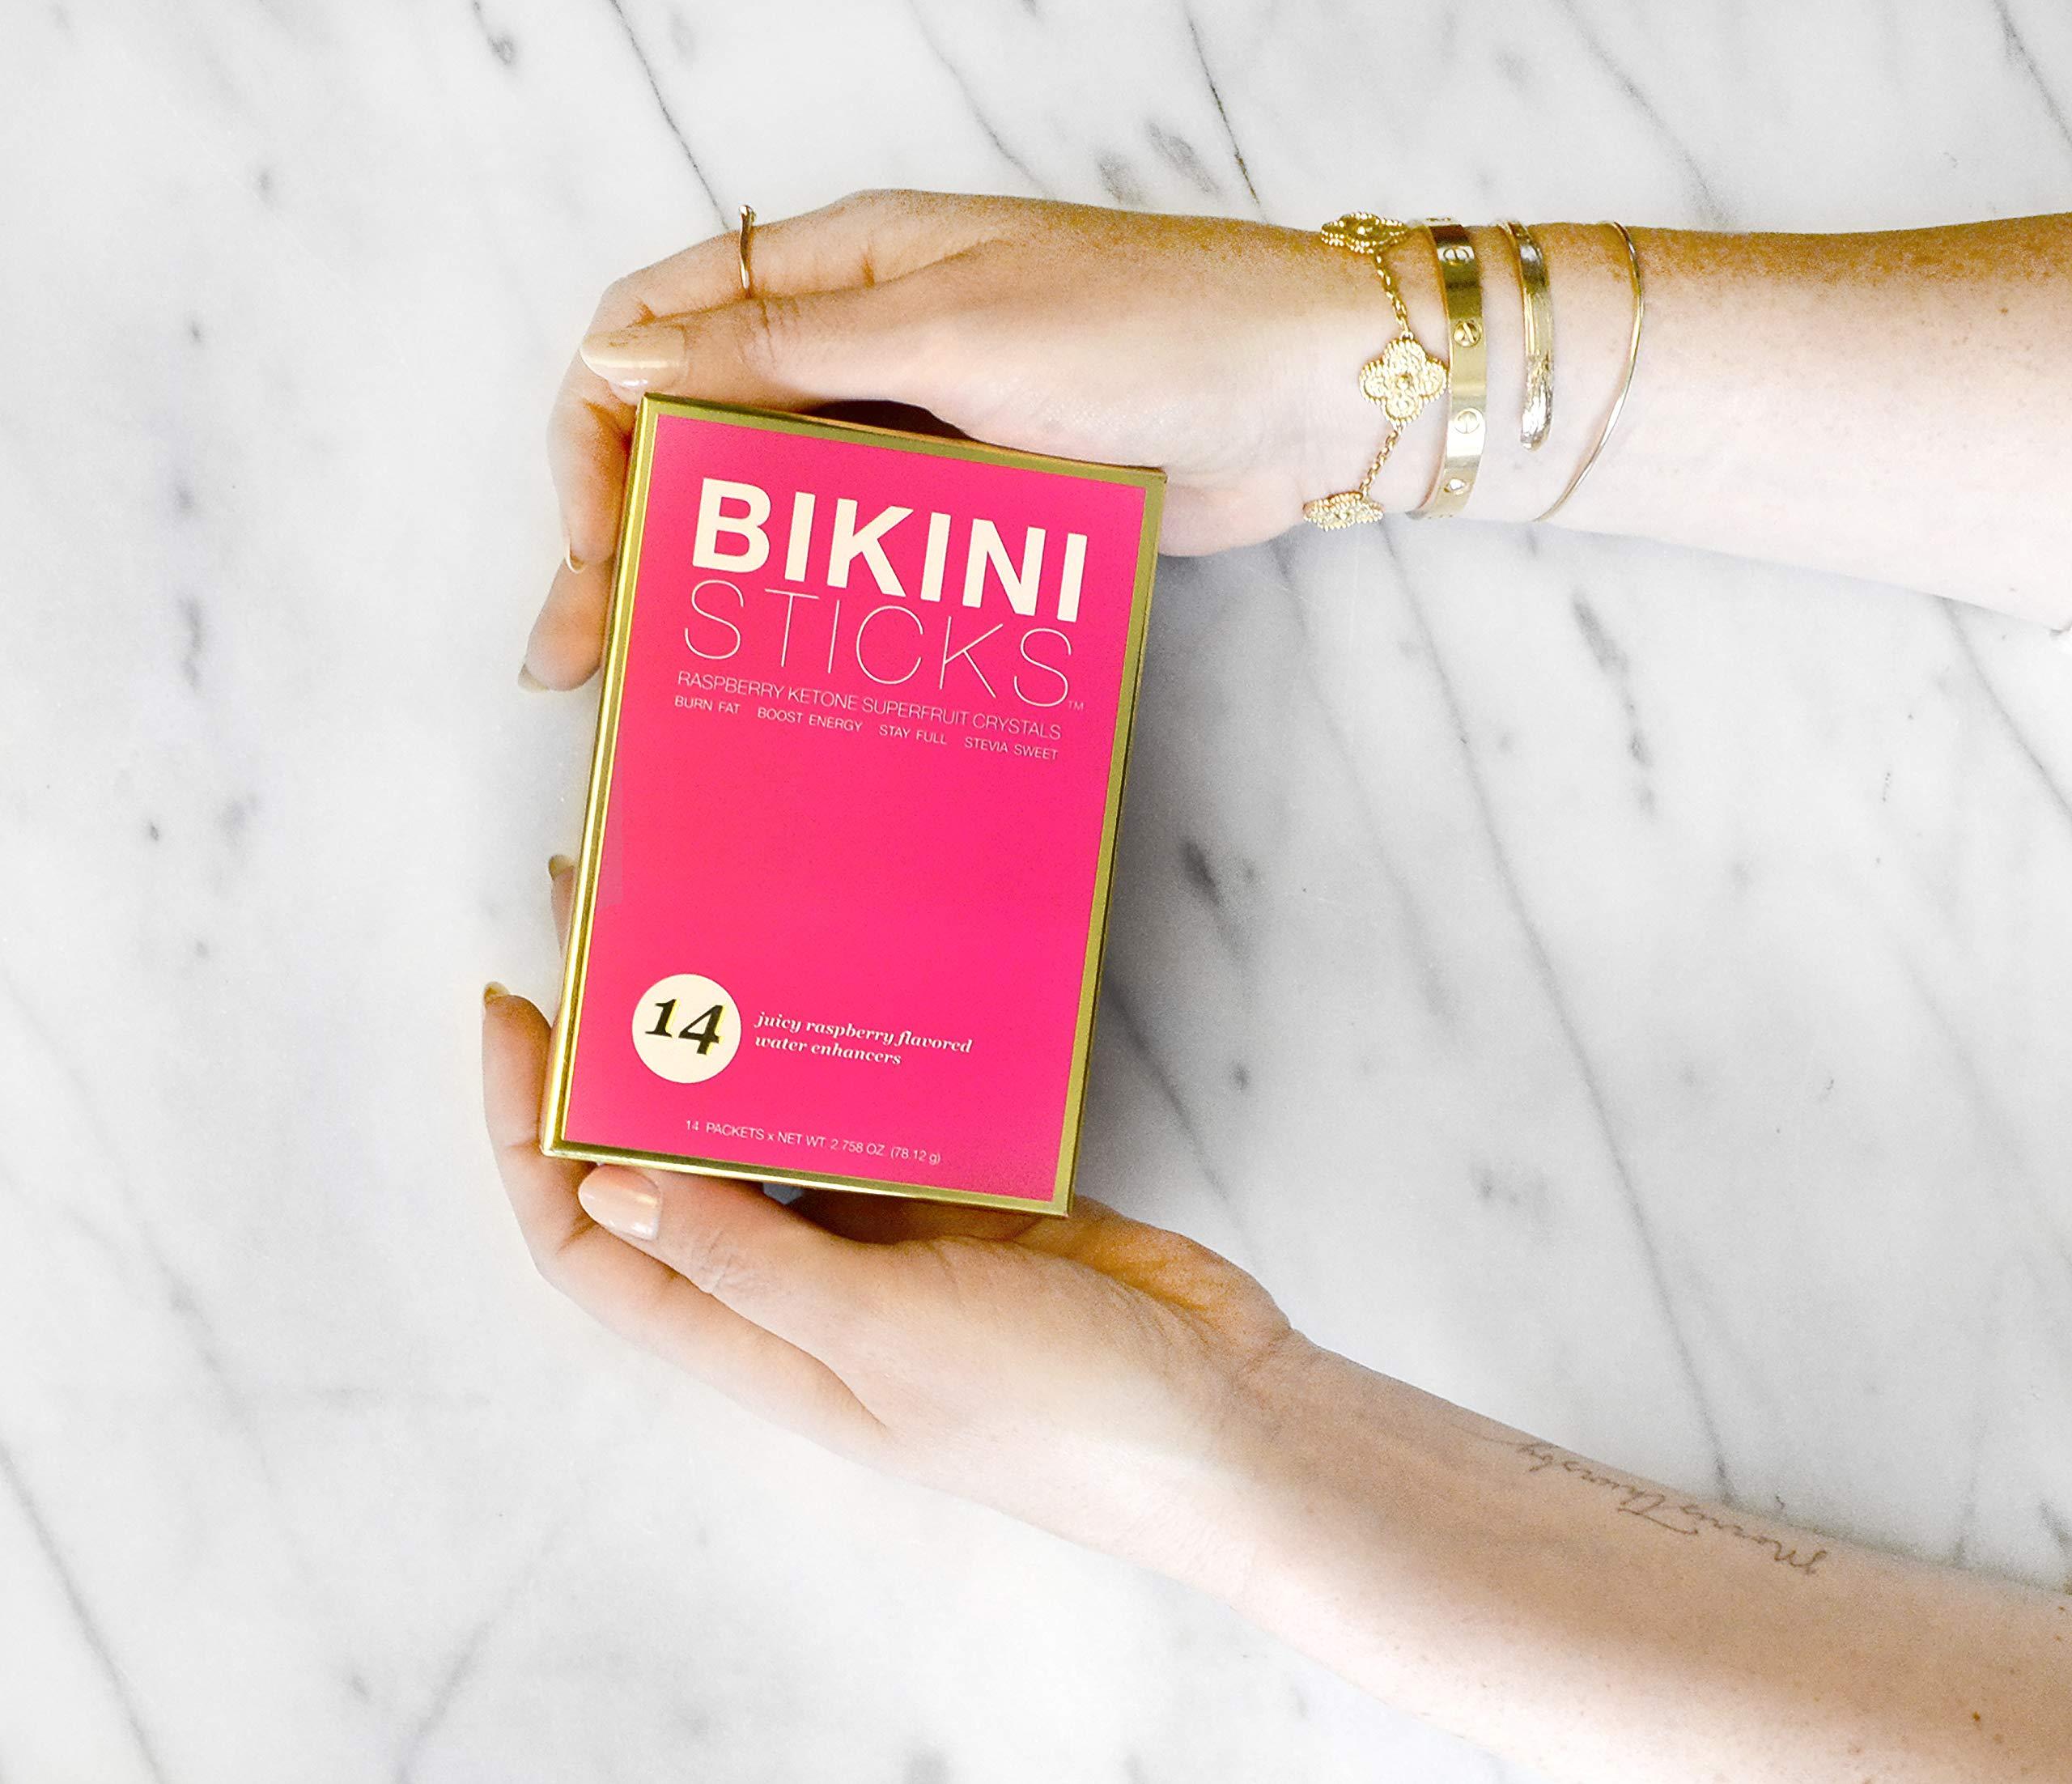 Bikini Sticks